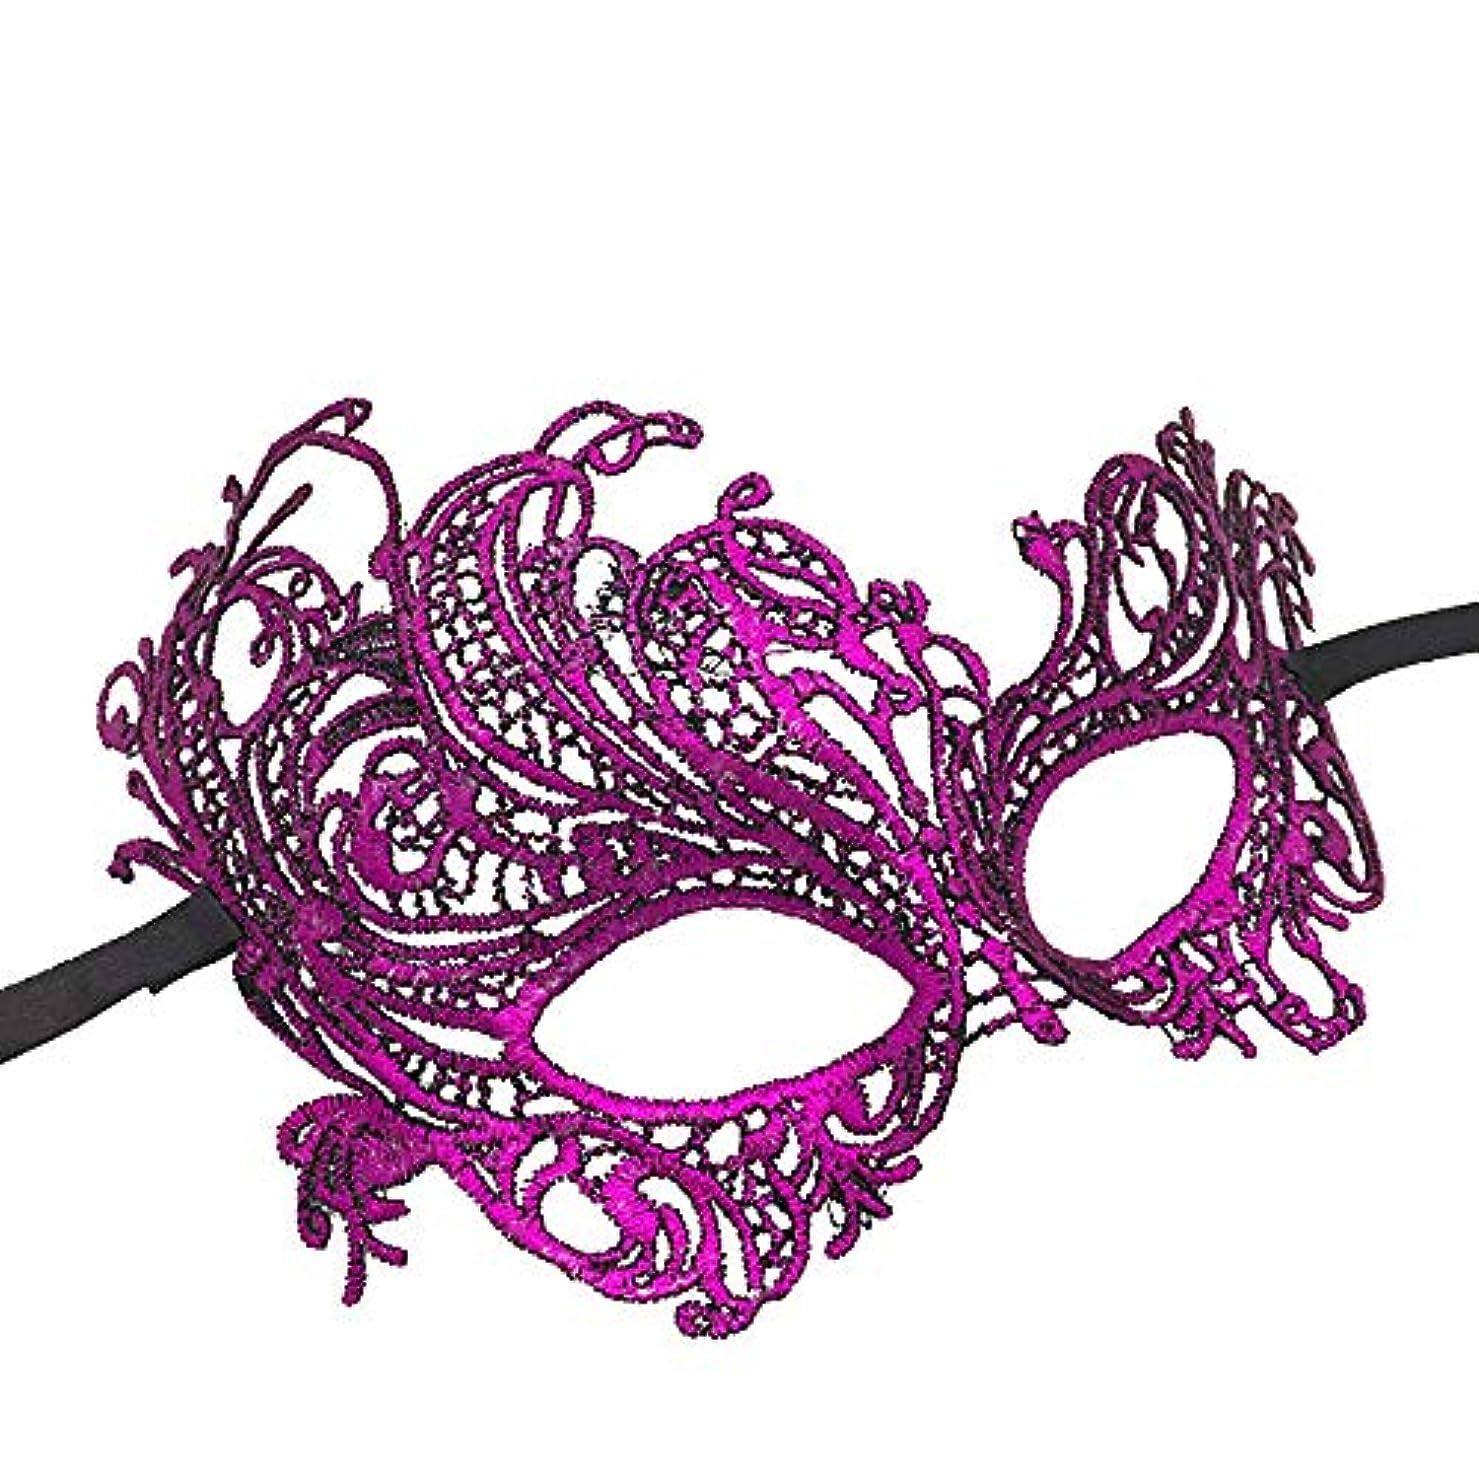 傷つける用量発送Auntwhale ハロウィンマスク大人恐怖コスチューム、パーティーファンシー仮装ハロウィンマスク、フェスティバル通気性ギフトヘッドマスク - パープル